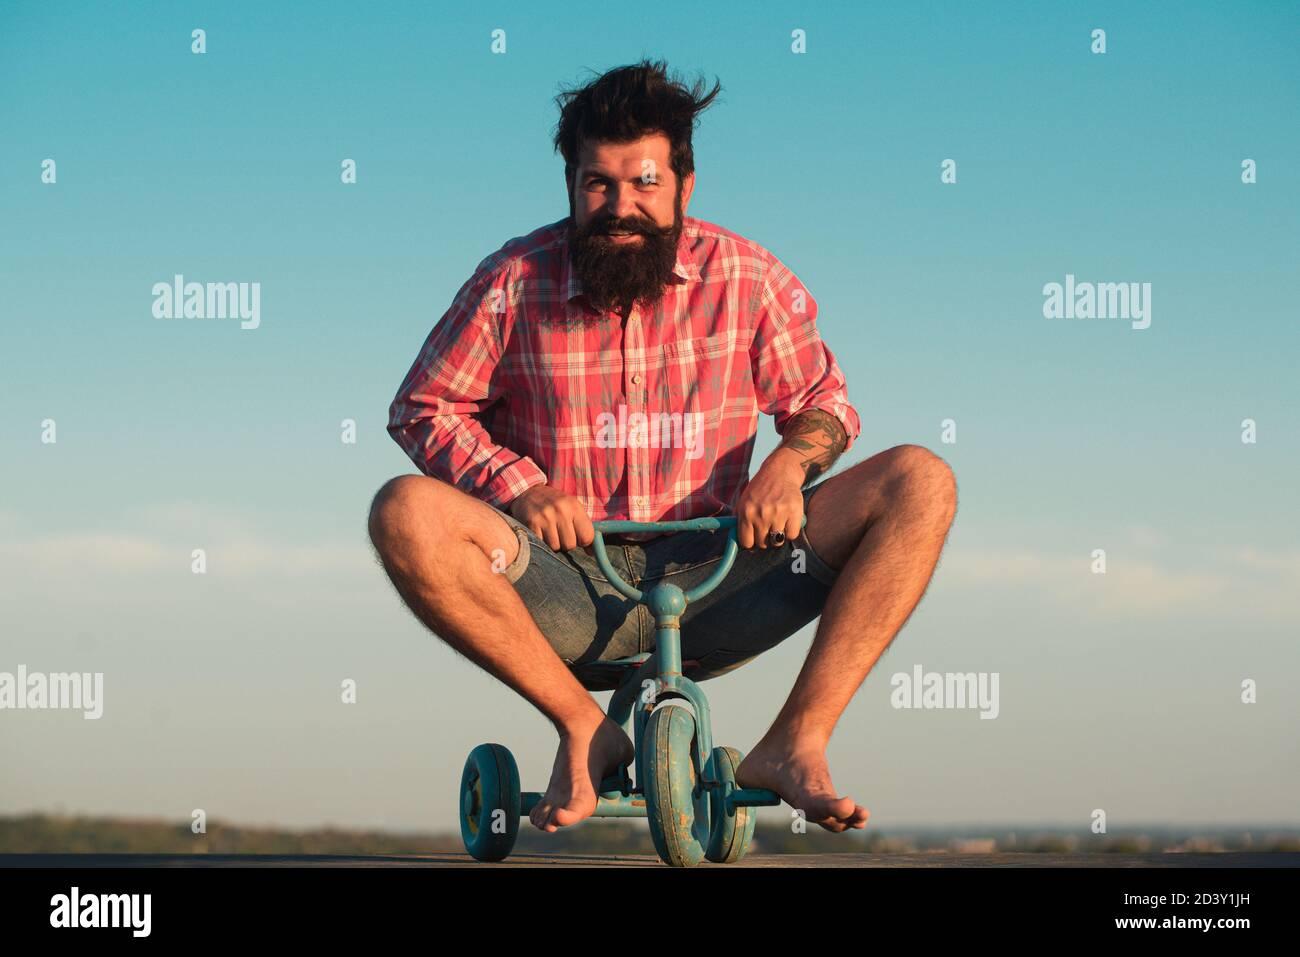 Motard amusant. Homme à vélo. Banque D'Images